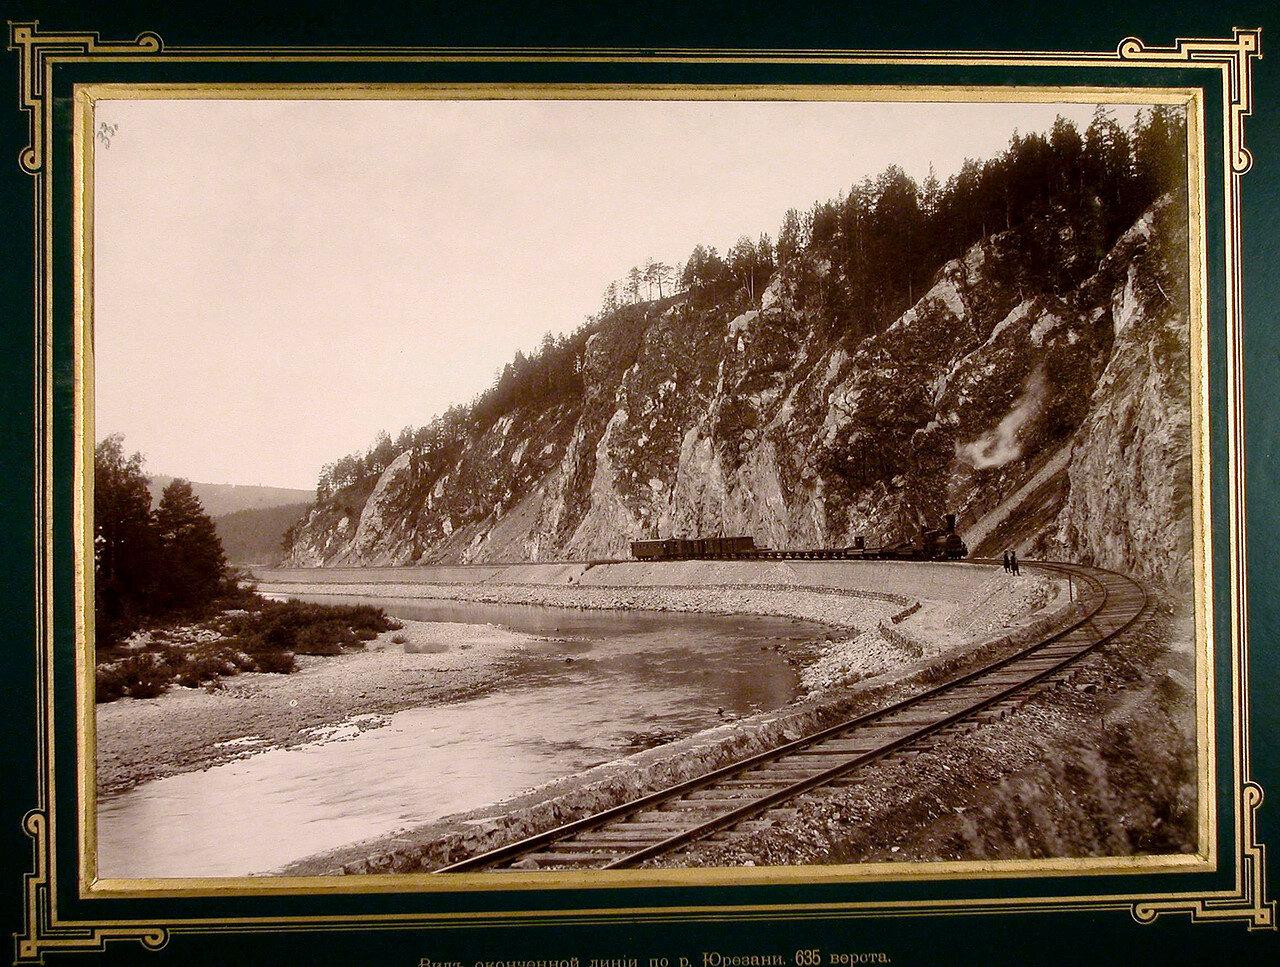 33. Вид построенной дороги, проходящей по берегу реки Юрезани. 635-я верста, 1885-1889